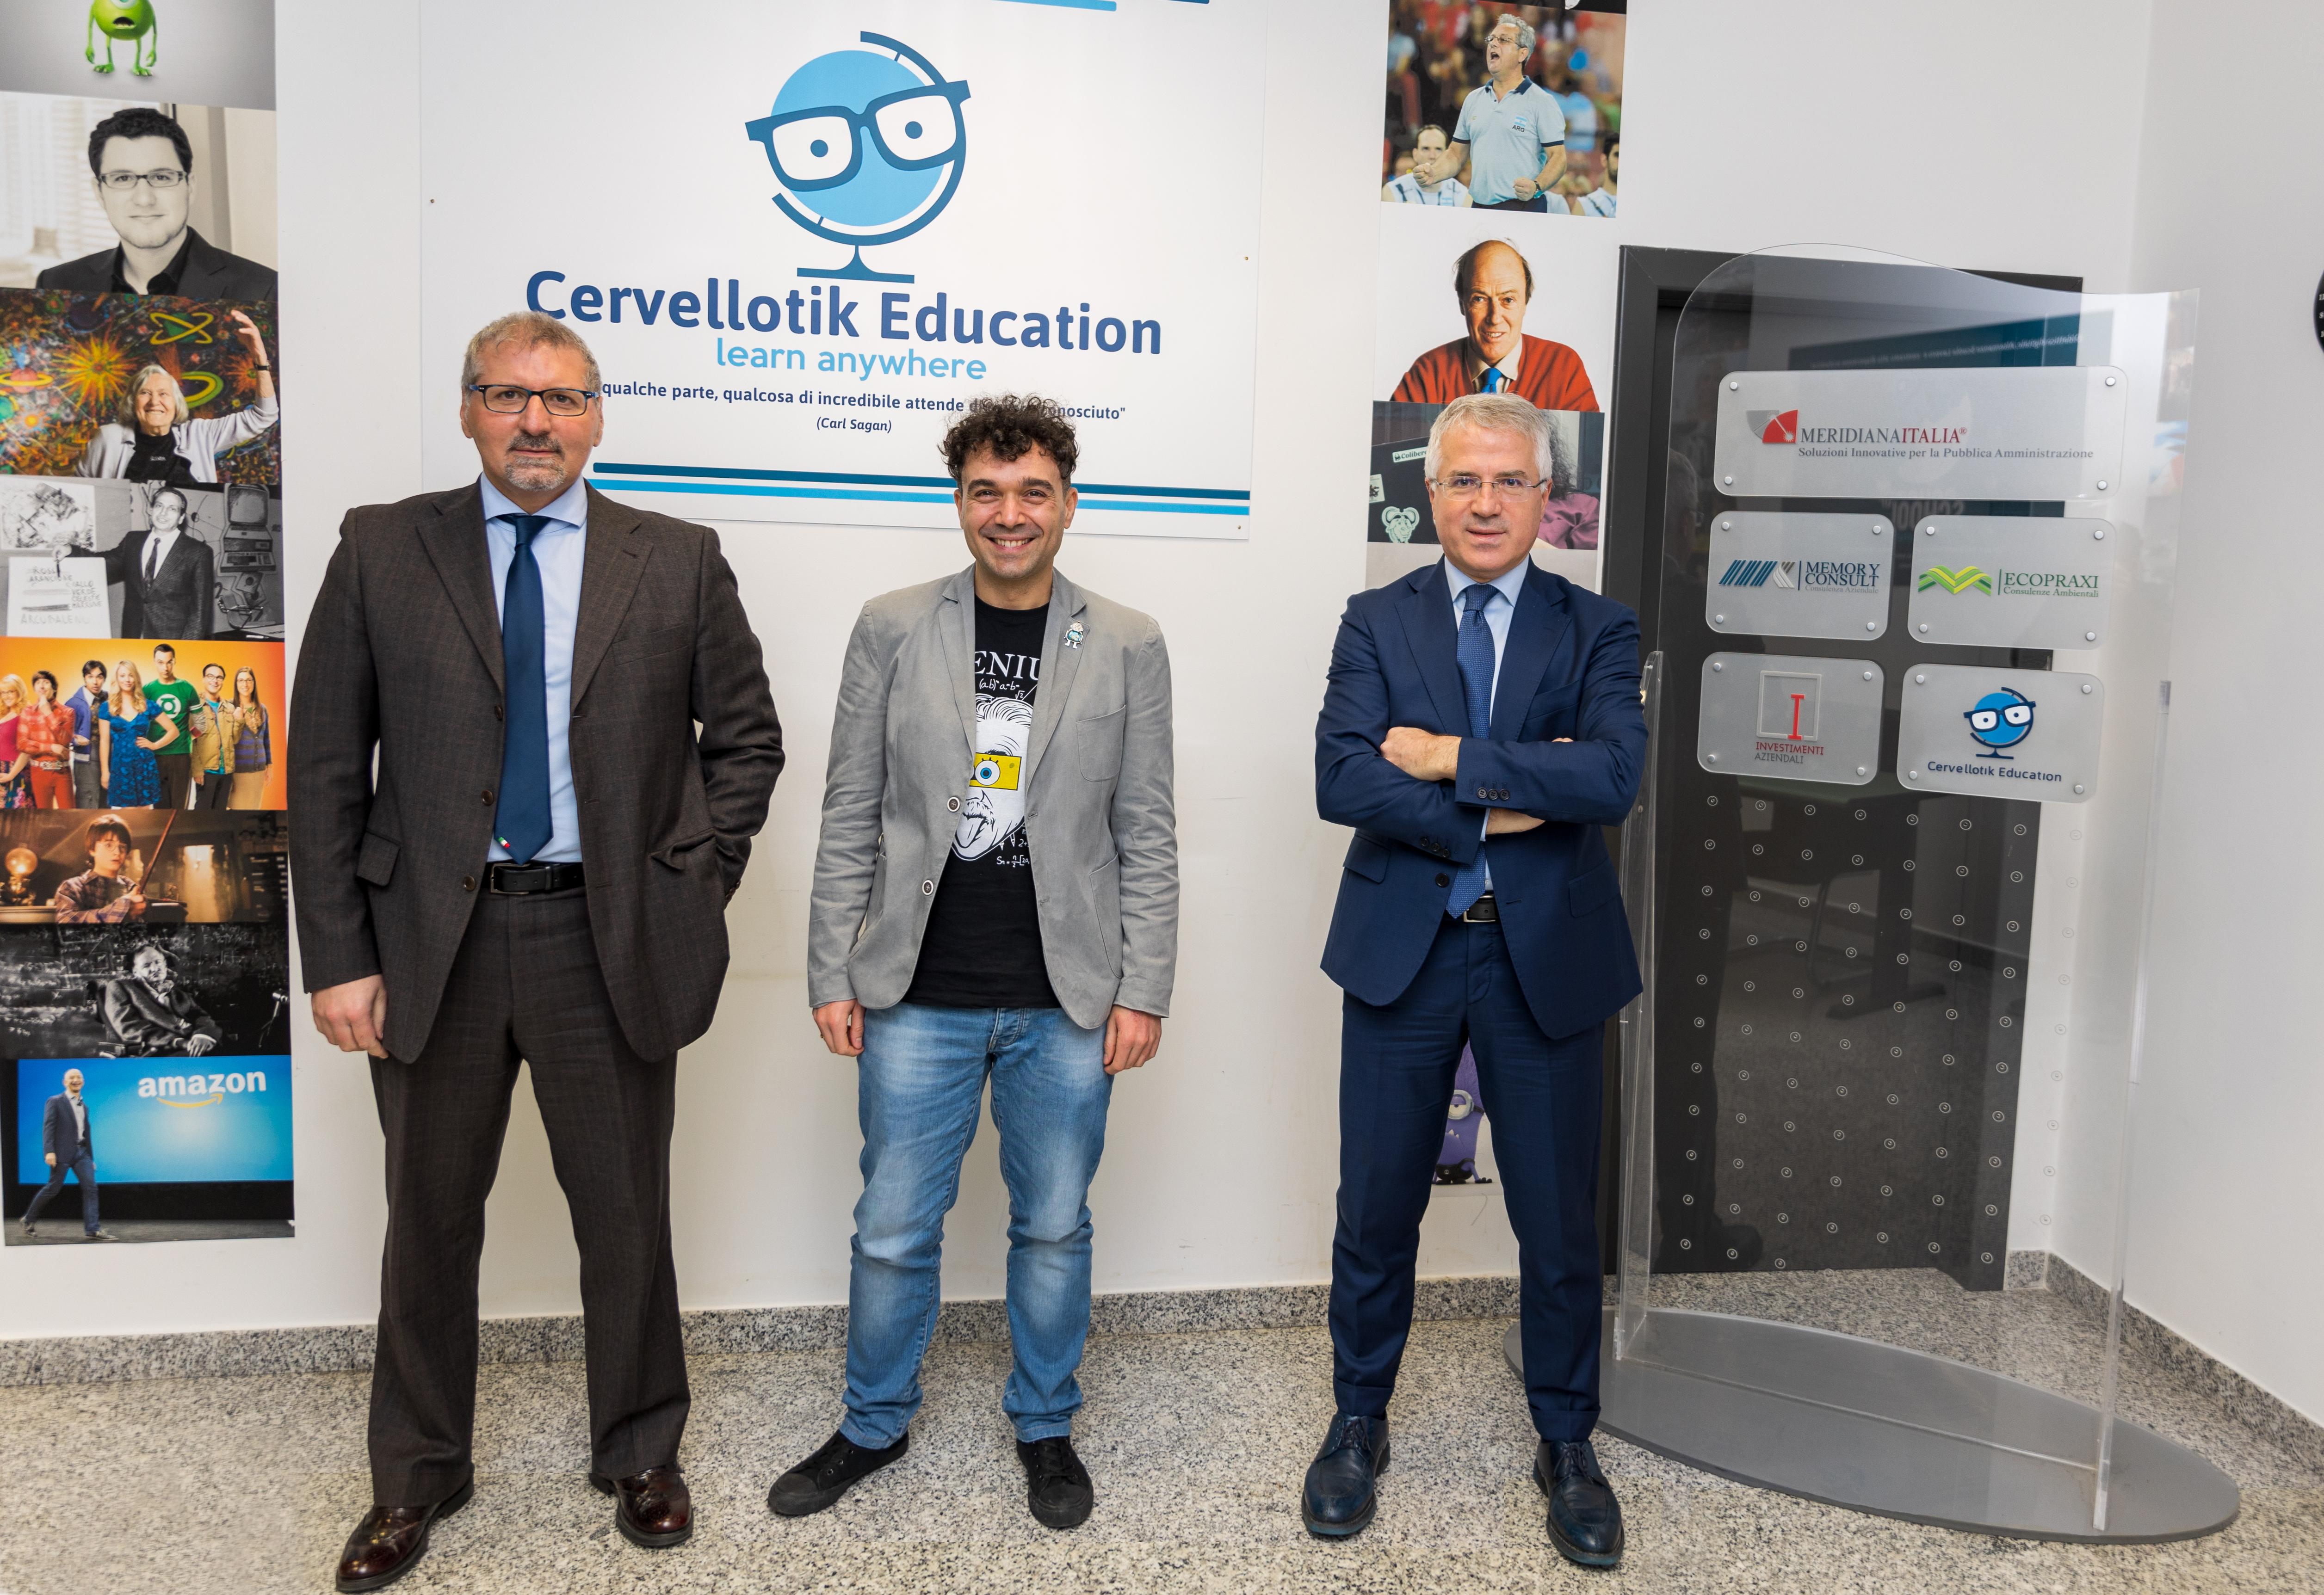 CDP Venture Capital Sgr – Fondo Nazionale Innovazione investe nella Cervellotik Education, la PMI innovativa che aiuta le scuole italiane durante l'emergenza sanitaria